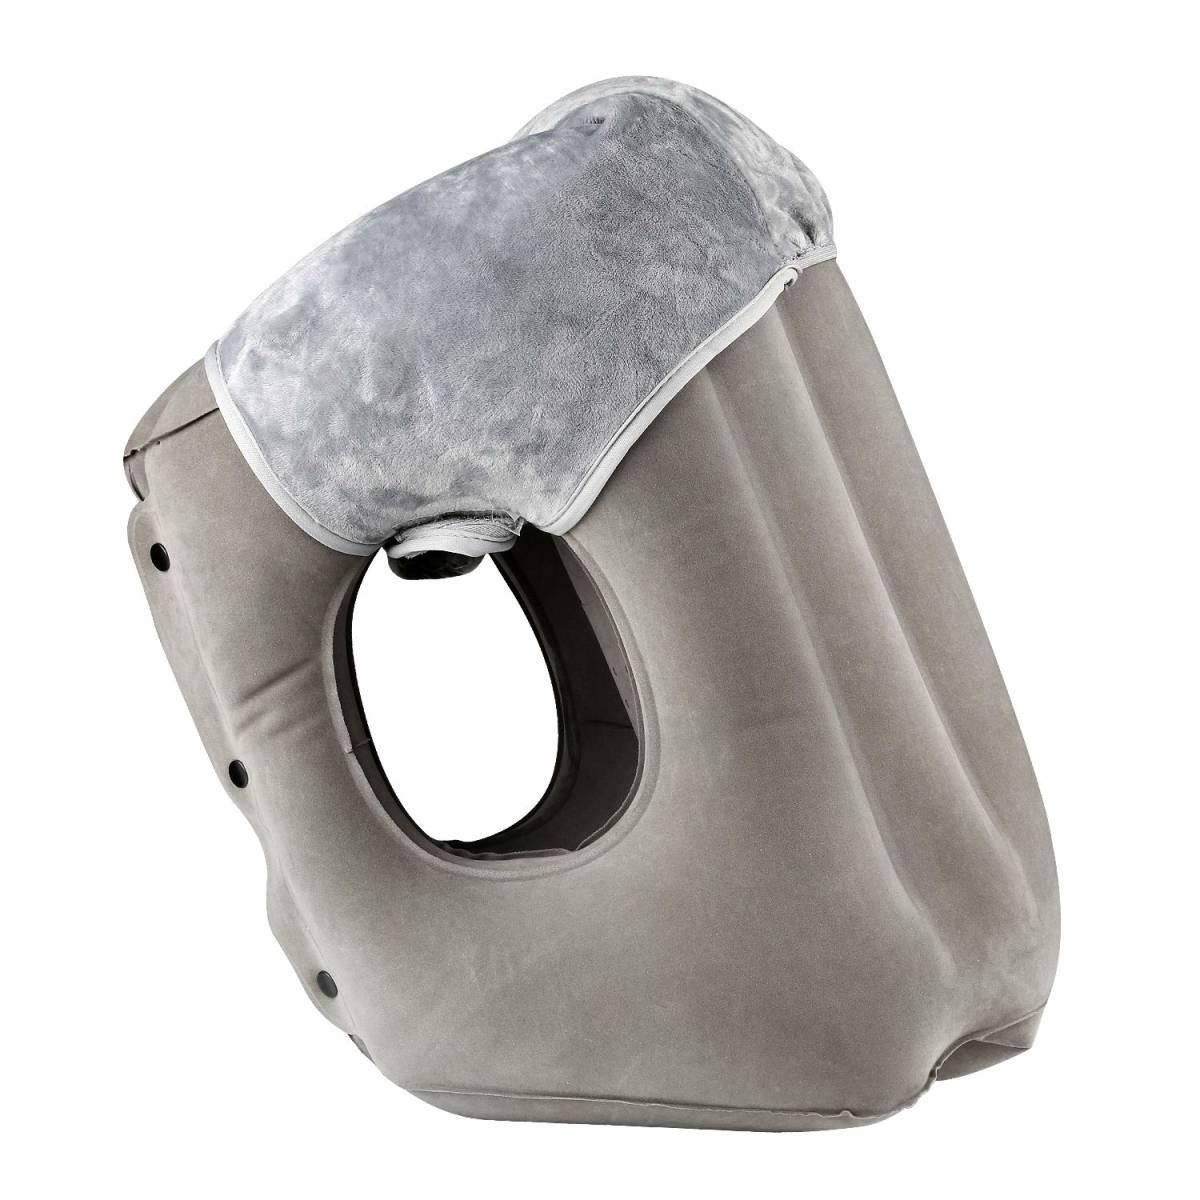 抱き枕 ネックピロー 飛行機 まくら エアーピロー 旅行便利グッズ トラベルグッズ 腰枕 旅行枕 携帯枕 特許大型エアーバルブ